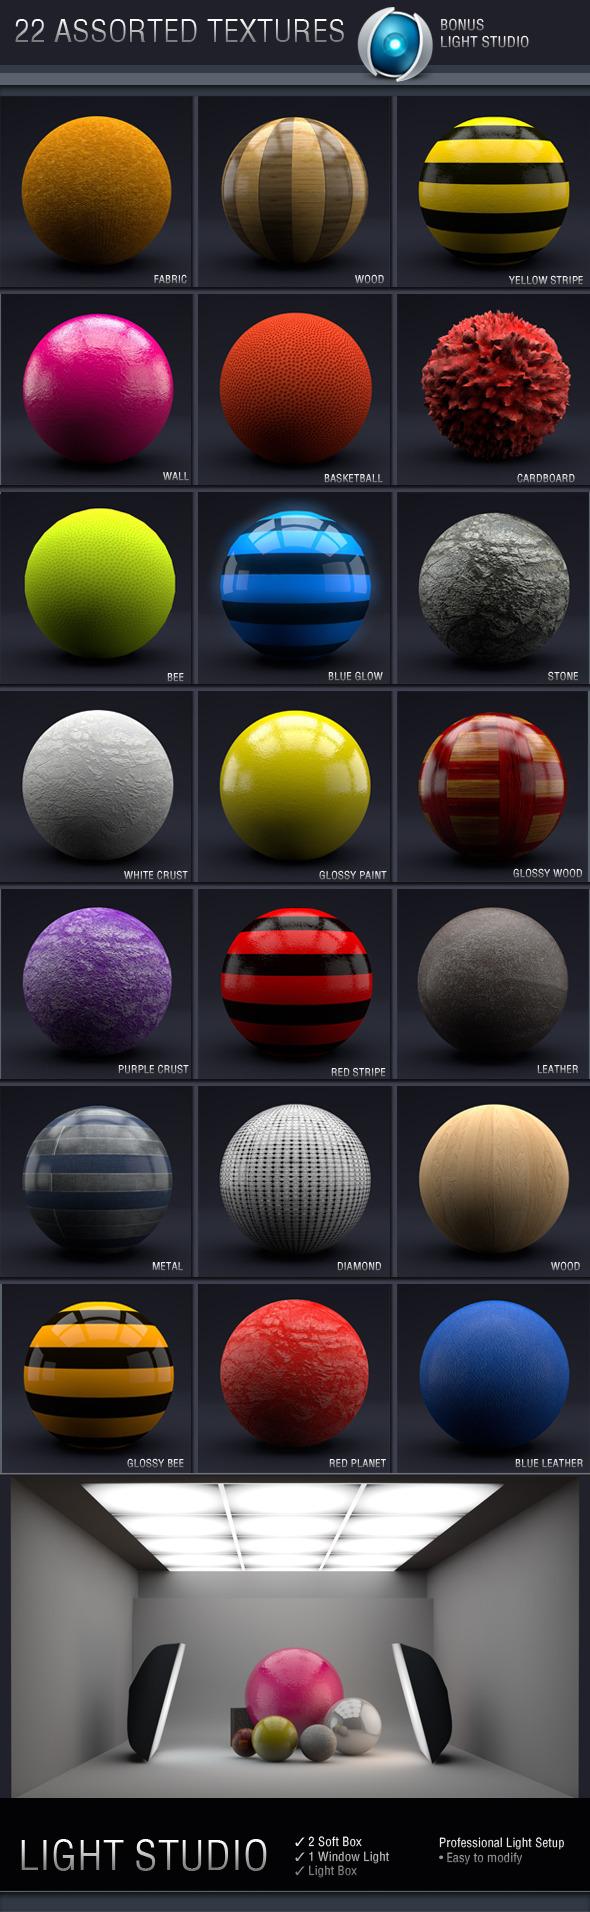 3DOcean C4D Assorted Textures 3777278